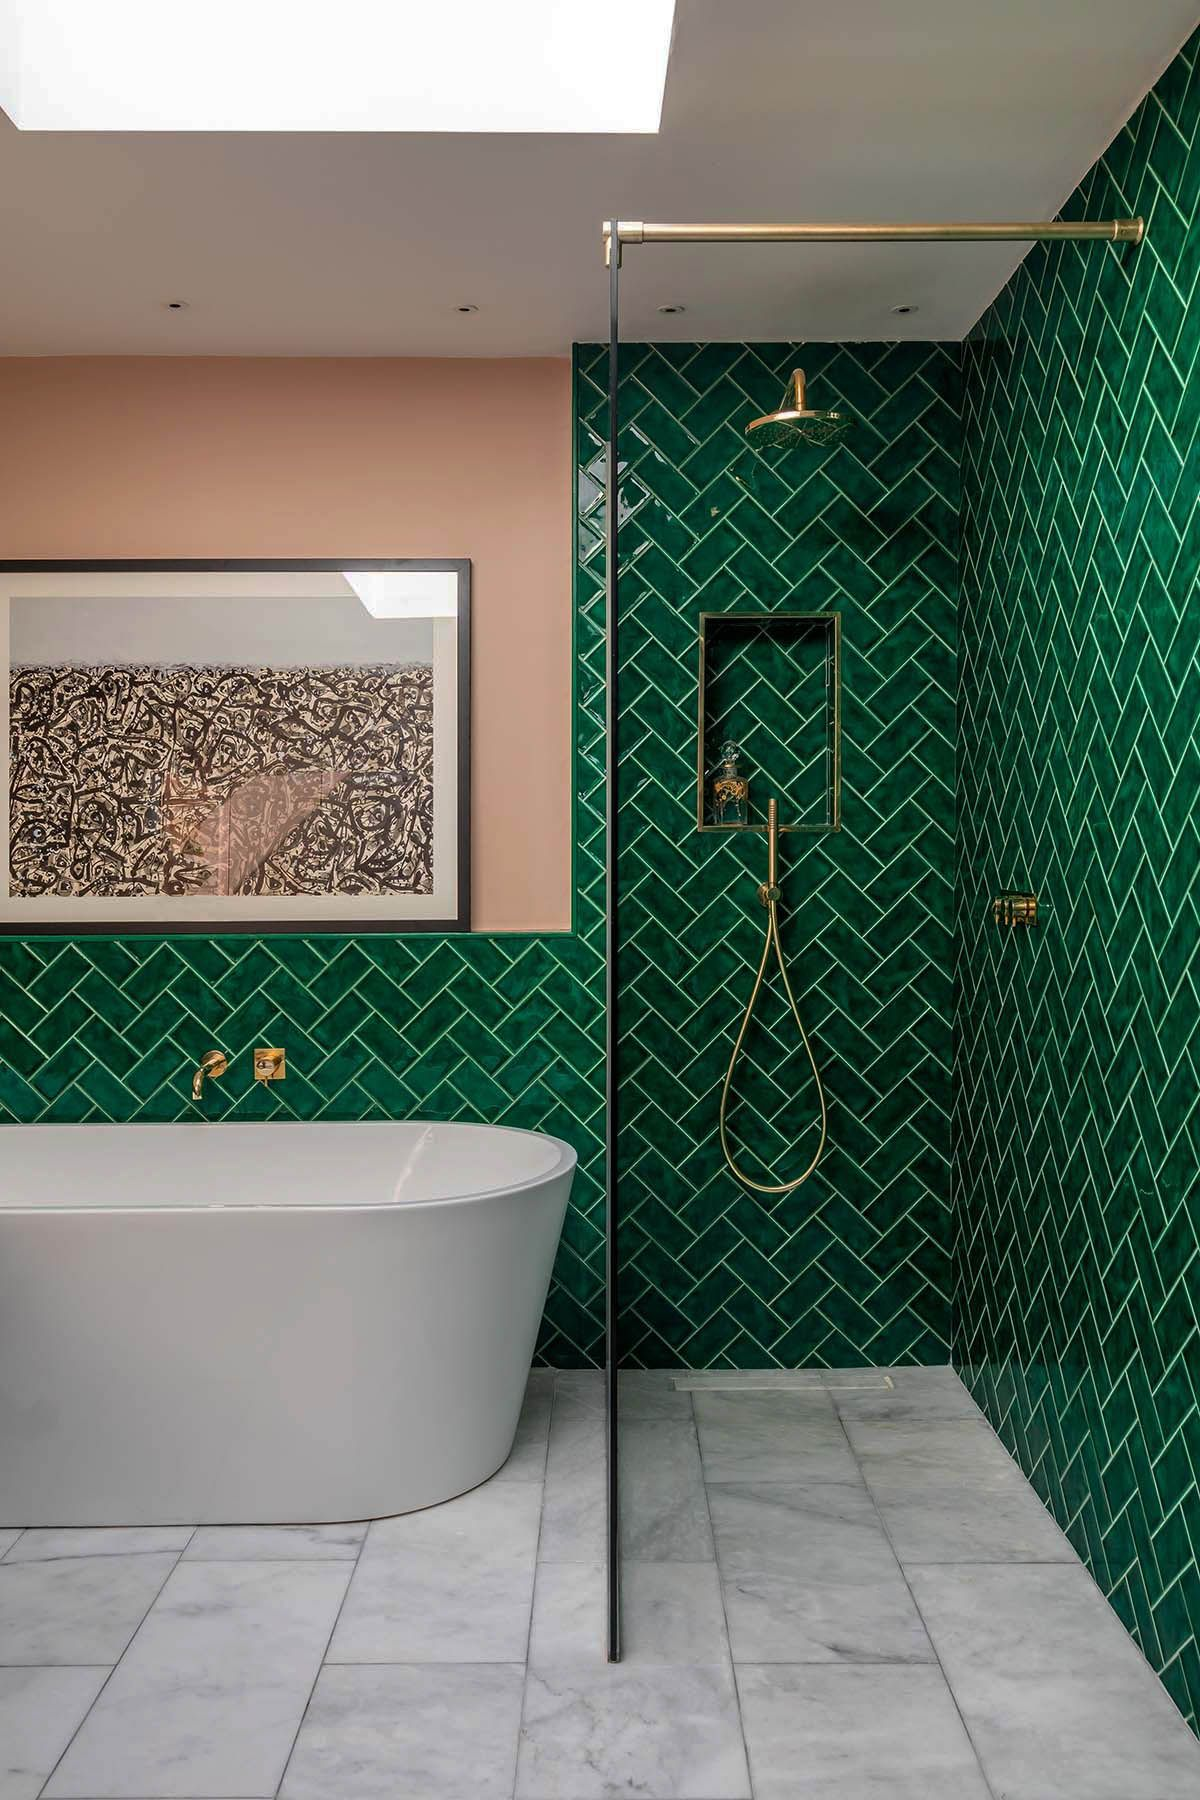 Những bí mật trang trí tường phòng tắm tạo nên không gian vui nhộn, đặc sắc - Ảnh 6.